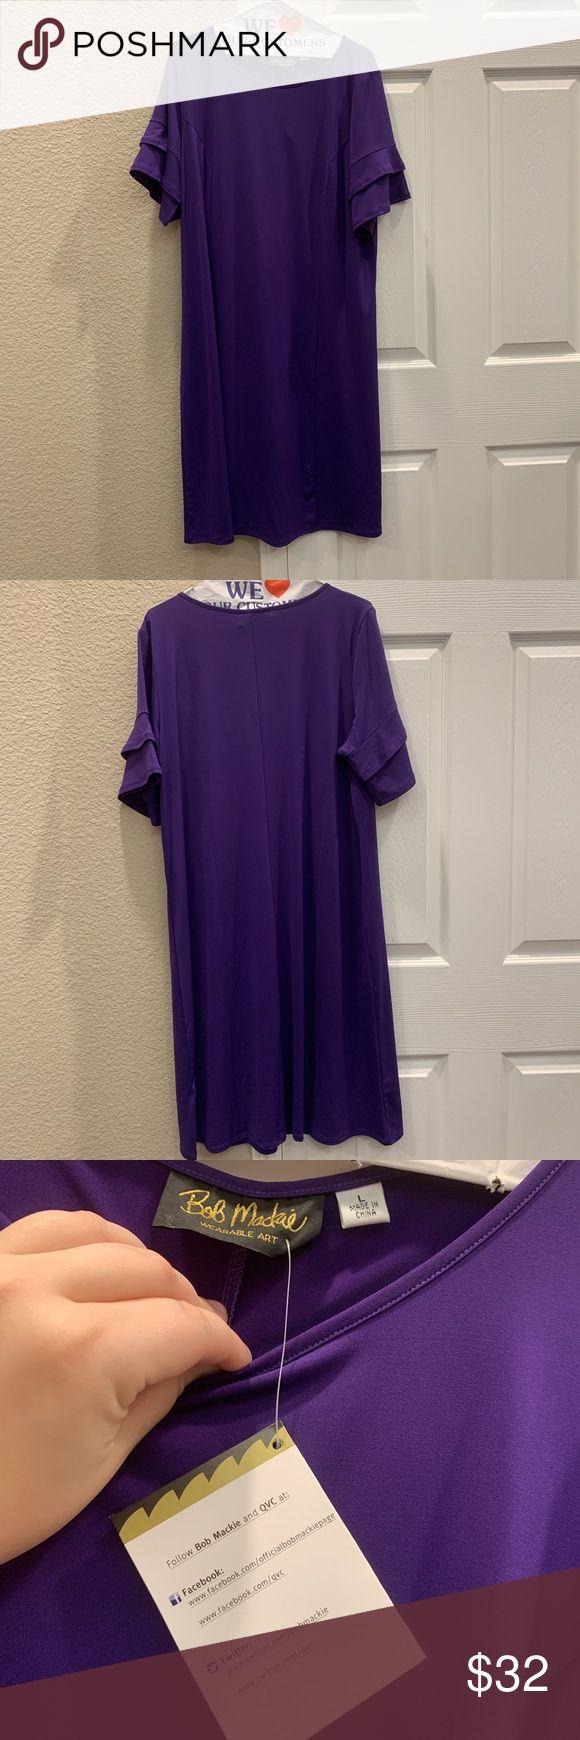 Bob Mackie Wearable Art Via Qvc Purple Dress Animal Print Maxi Dresses Geo Print Dress Maxi Knit Dress [ 1740 x 580 Pixel ]